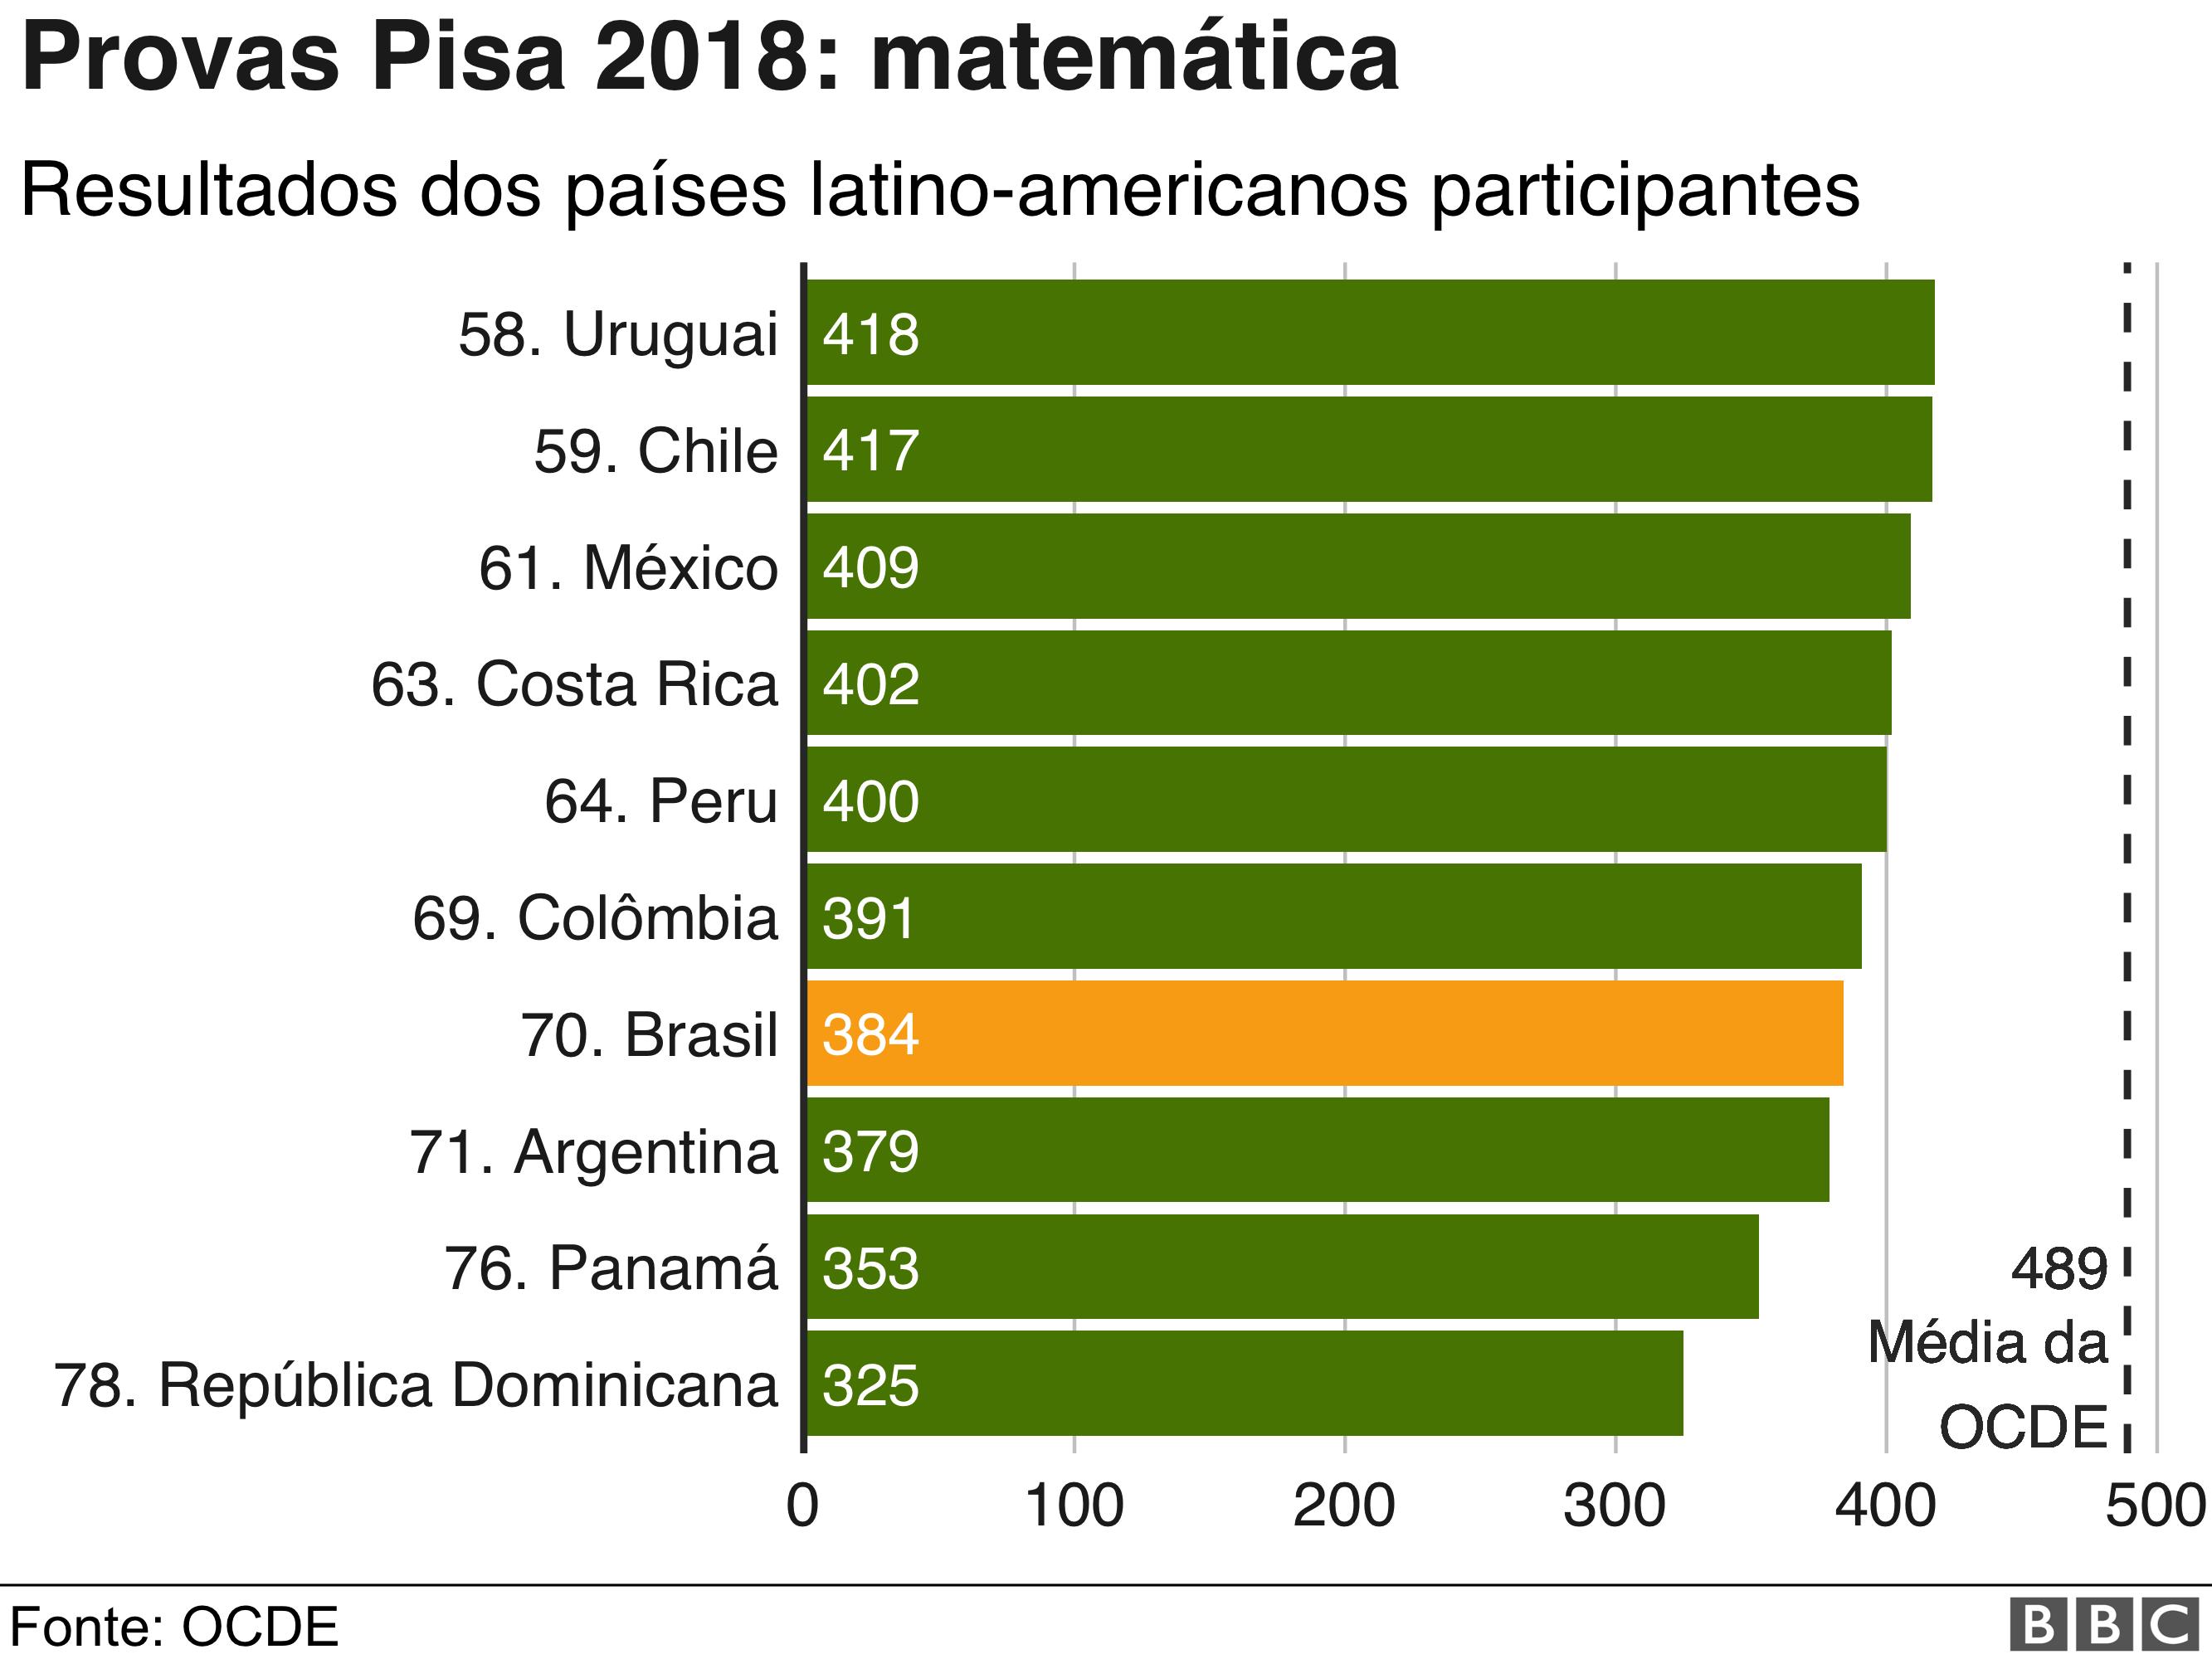 prova pisa 2018 matemática